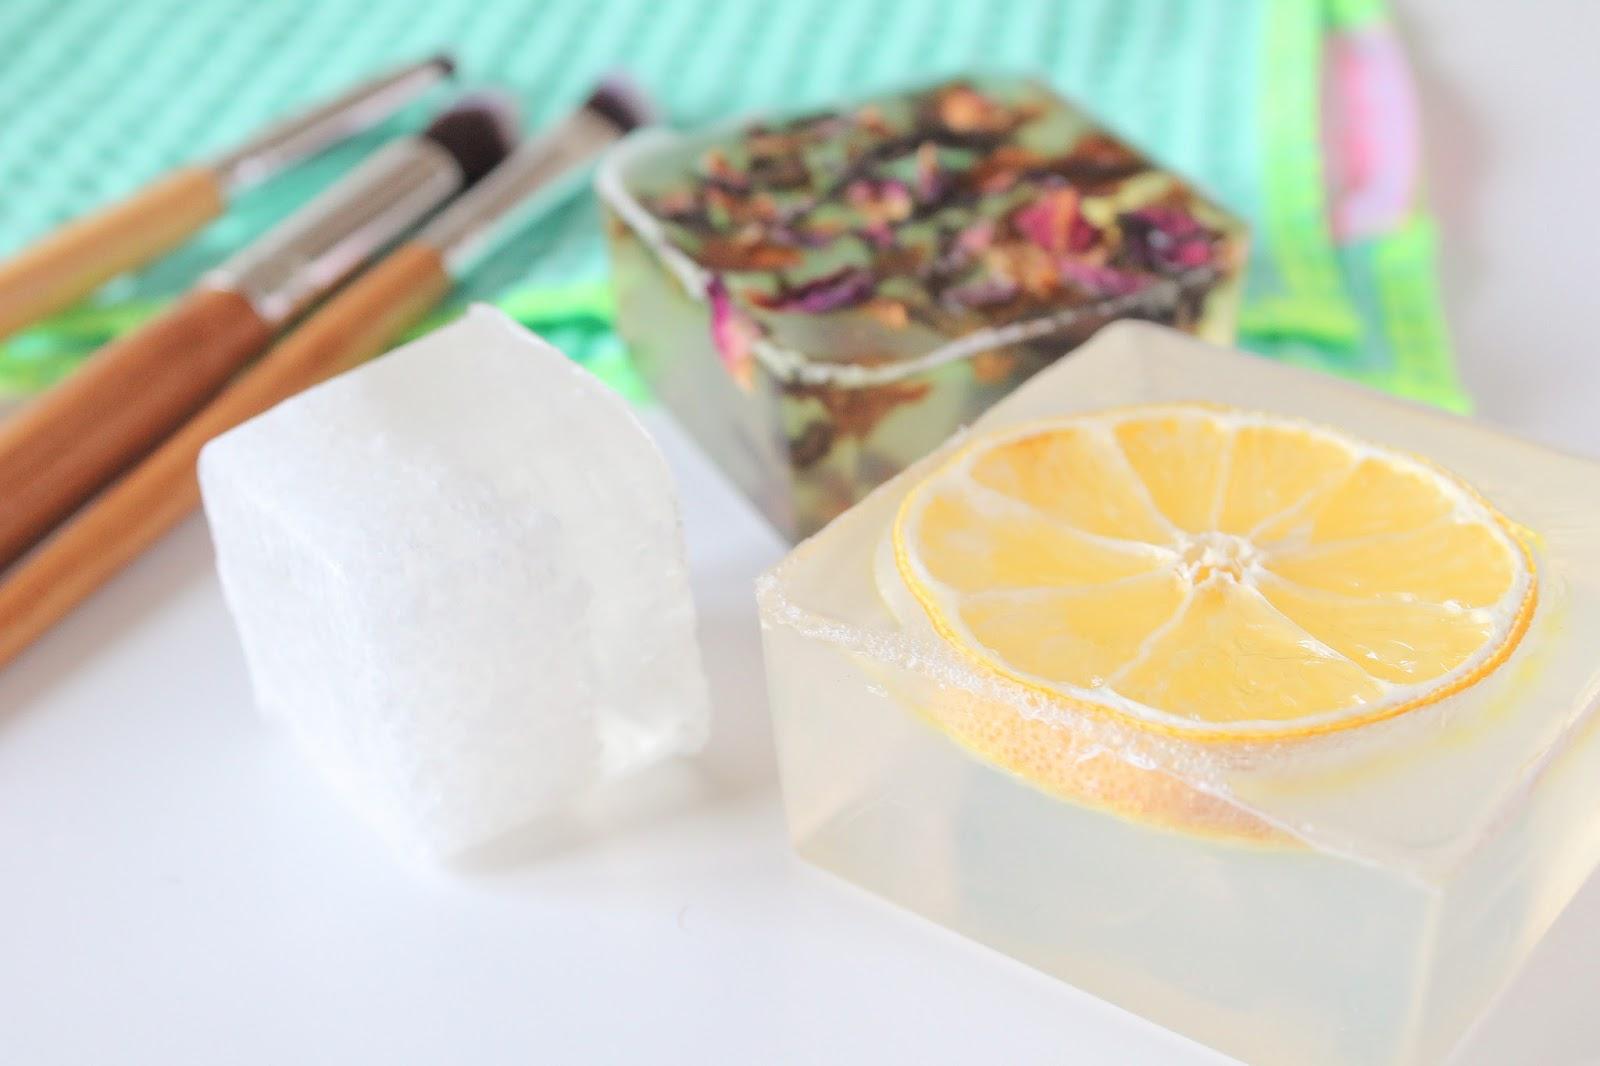 zodio comment créer son savon soi meme fabriquer seul facile à la maison tuto tutoriel diy do it yourself bain marie huile essentielle vegan veganie les gommettes de melo